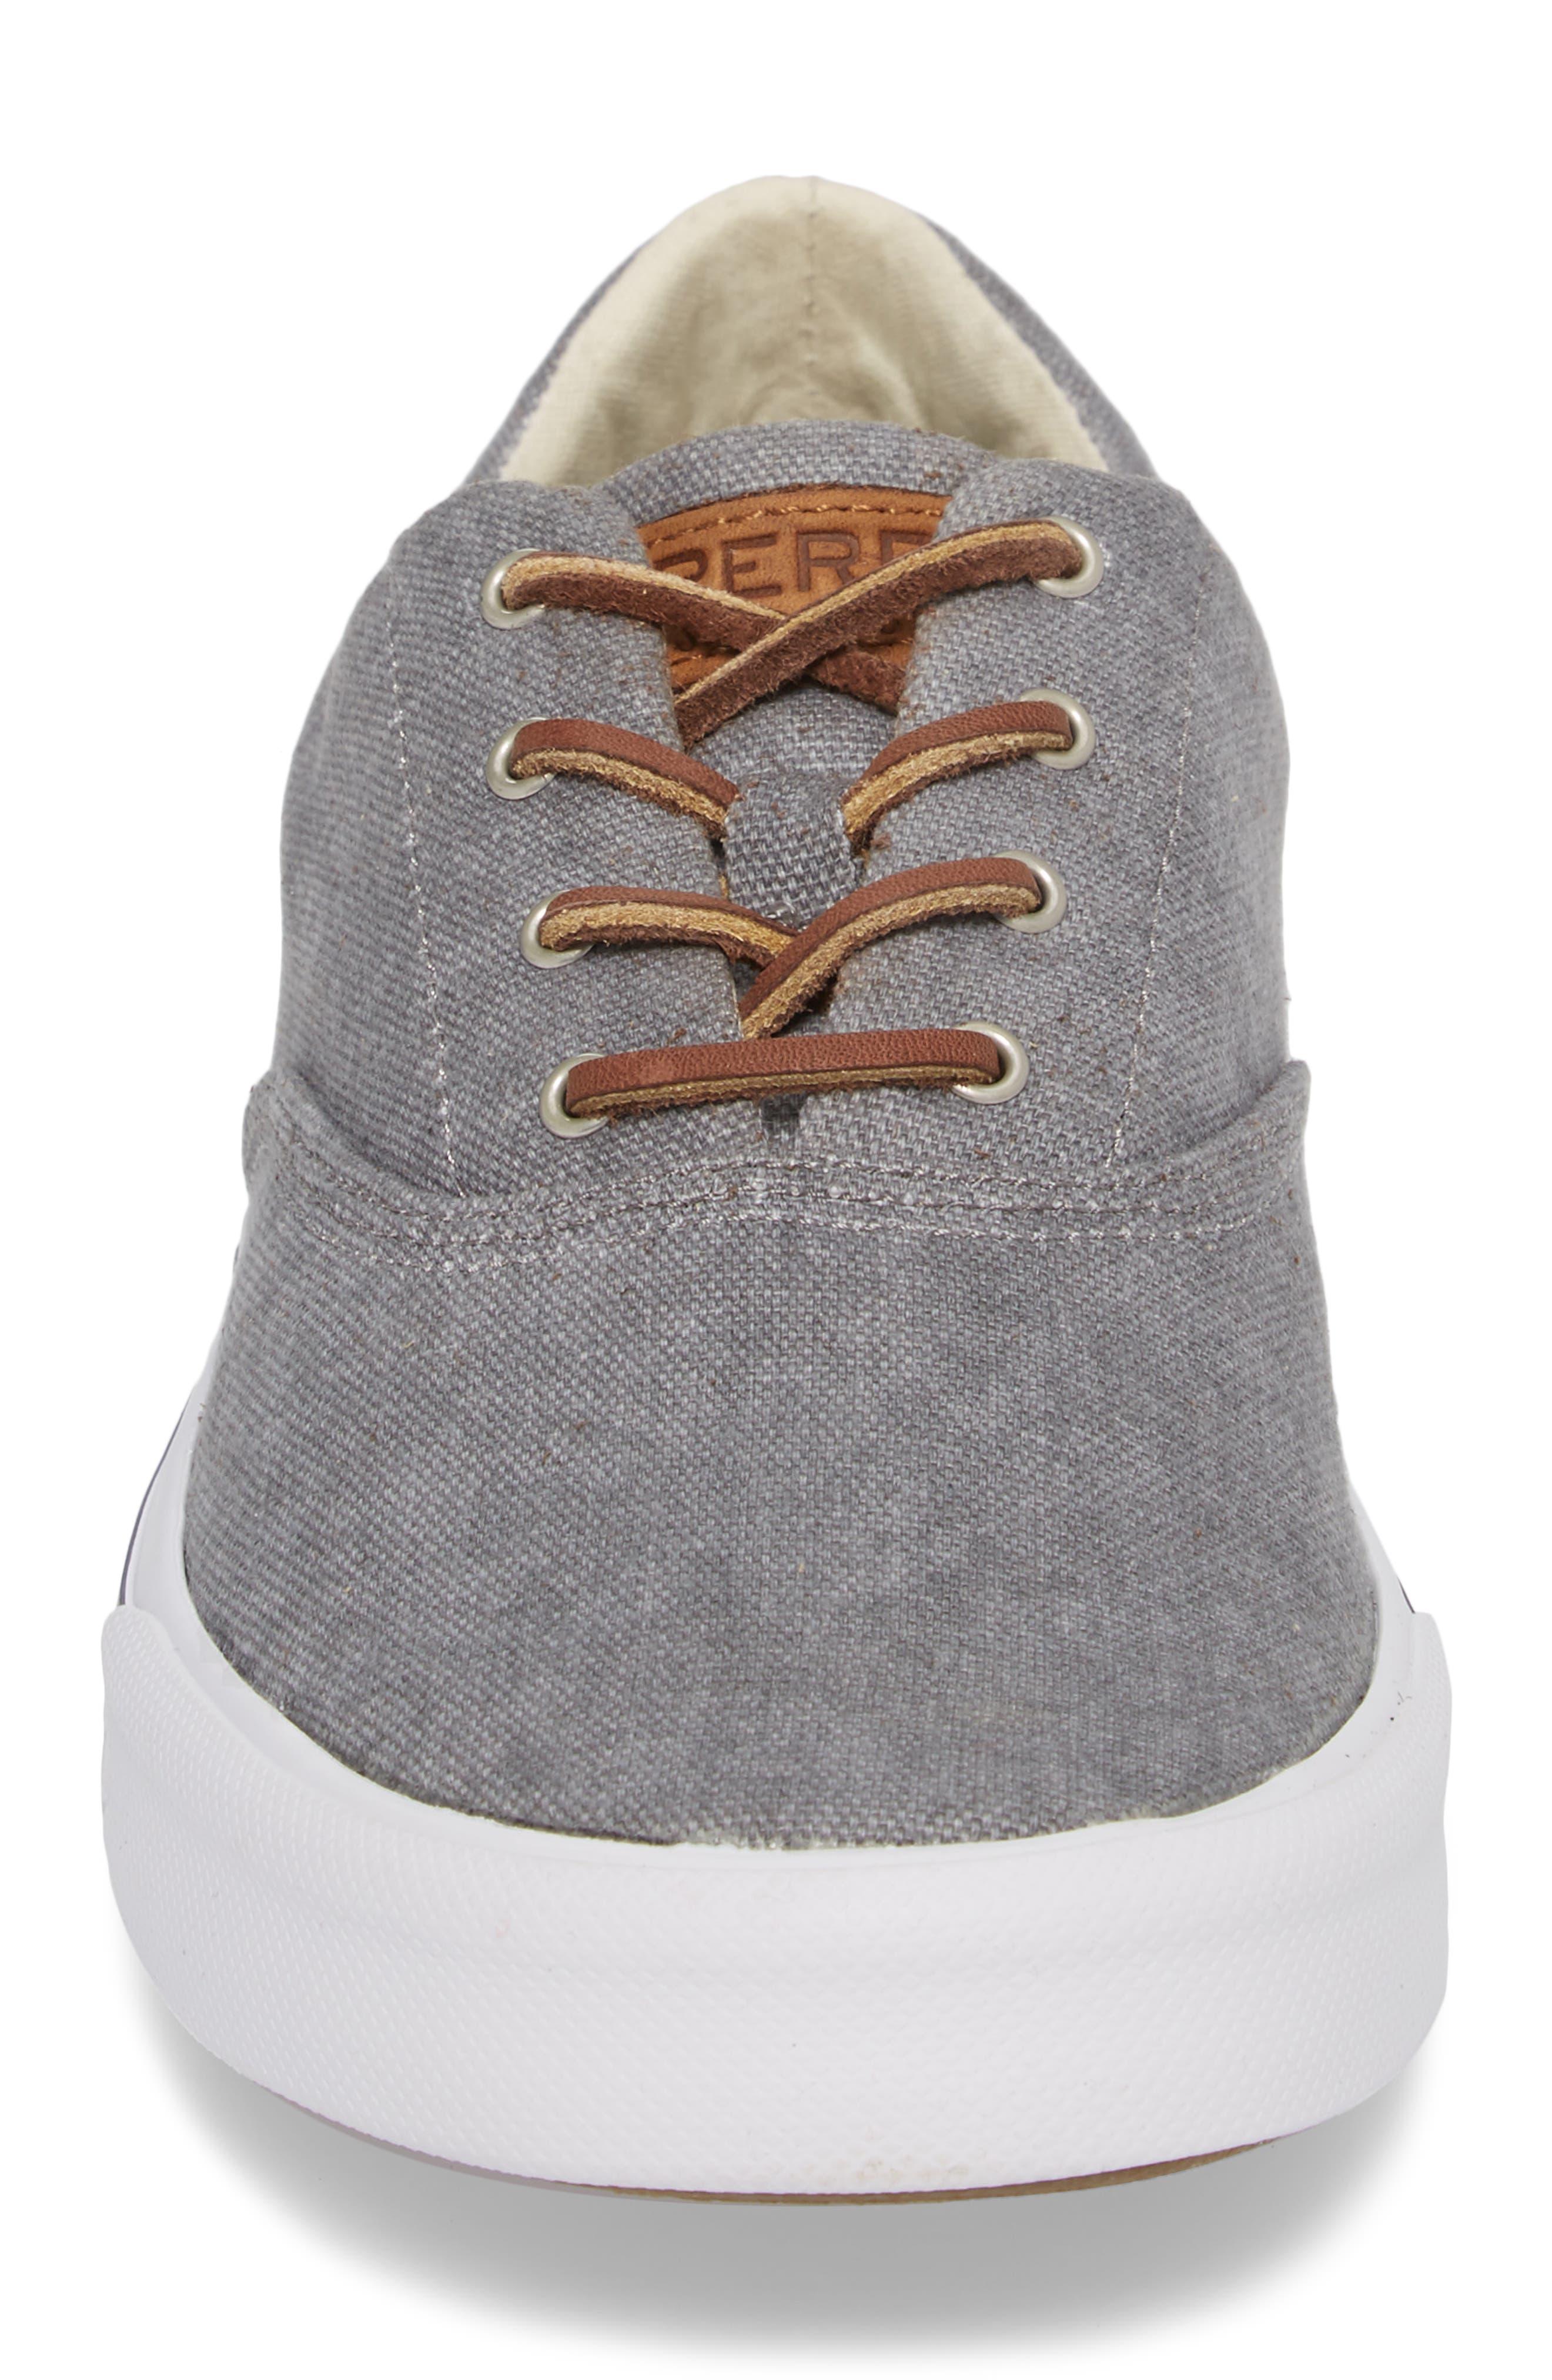 SPERRY, Striper 2 CVO Sneaker, Alternate thumbnail 4, color, 020